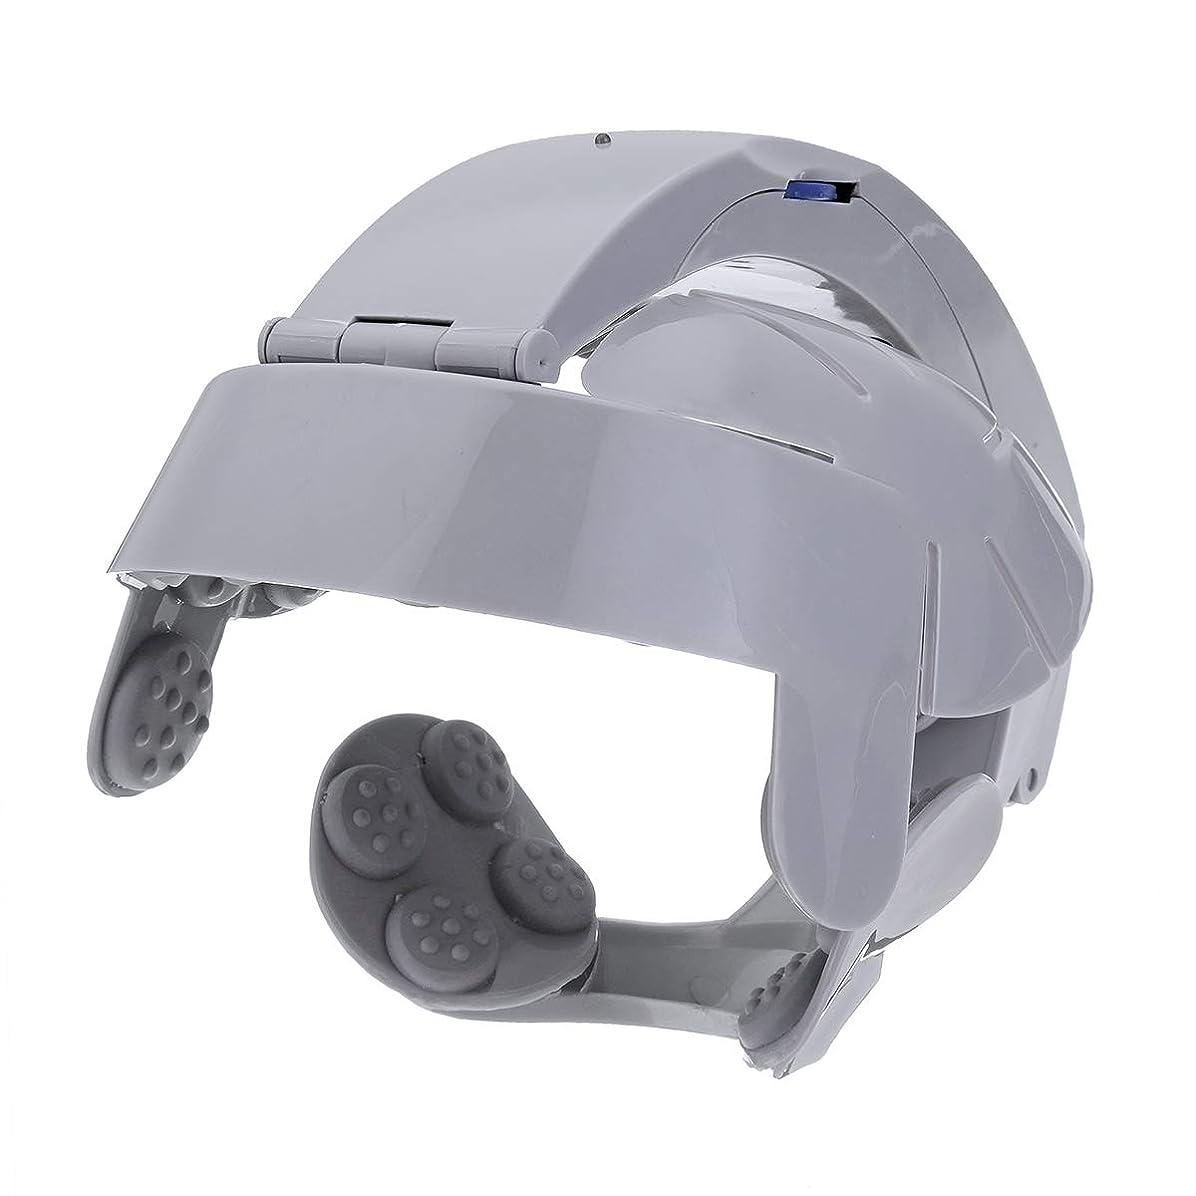 人事支出病んでいるヘッド振動マッサージ電動ヘッドマッサージリラックス脳経穴ストレス解放マシンポータブルのためのホーム使用